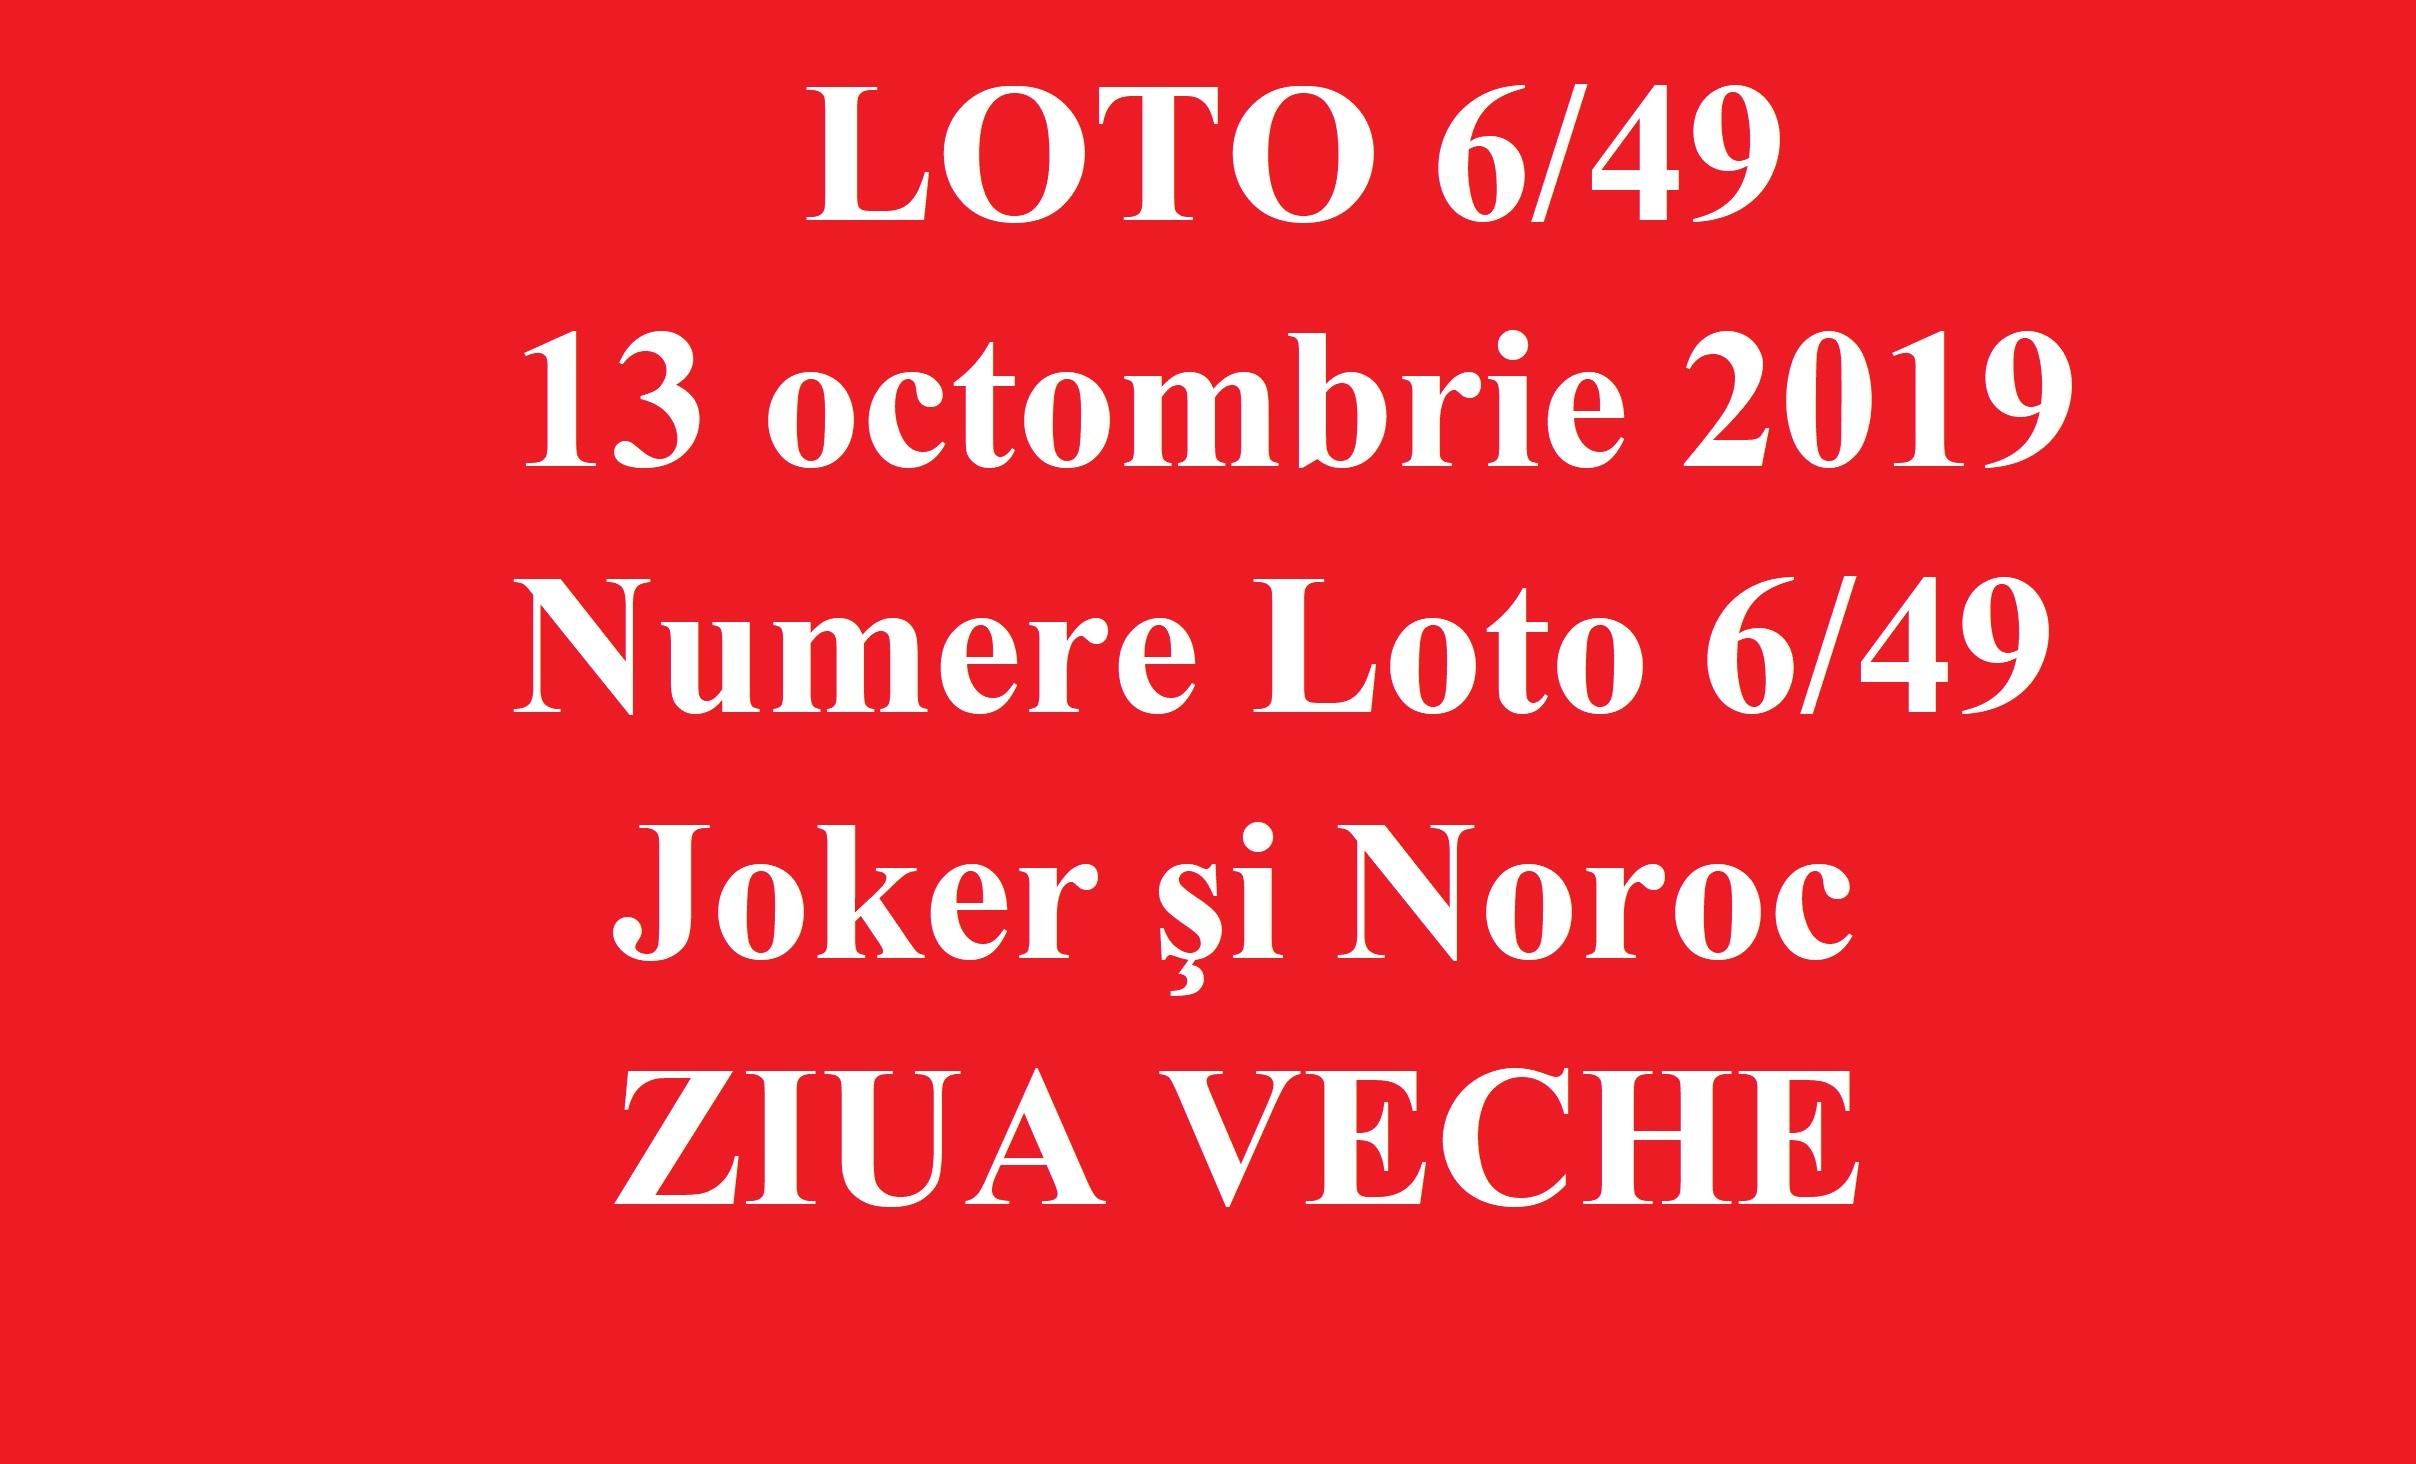 LOTO 6/49, 13 octombrie 2019. Numere Loto 6/49, Joker şi Noroc